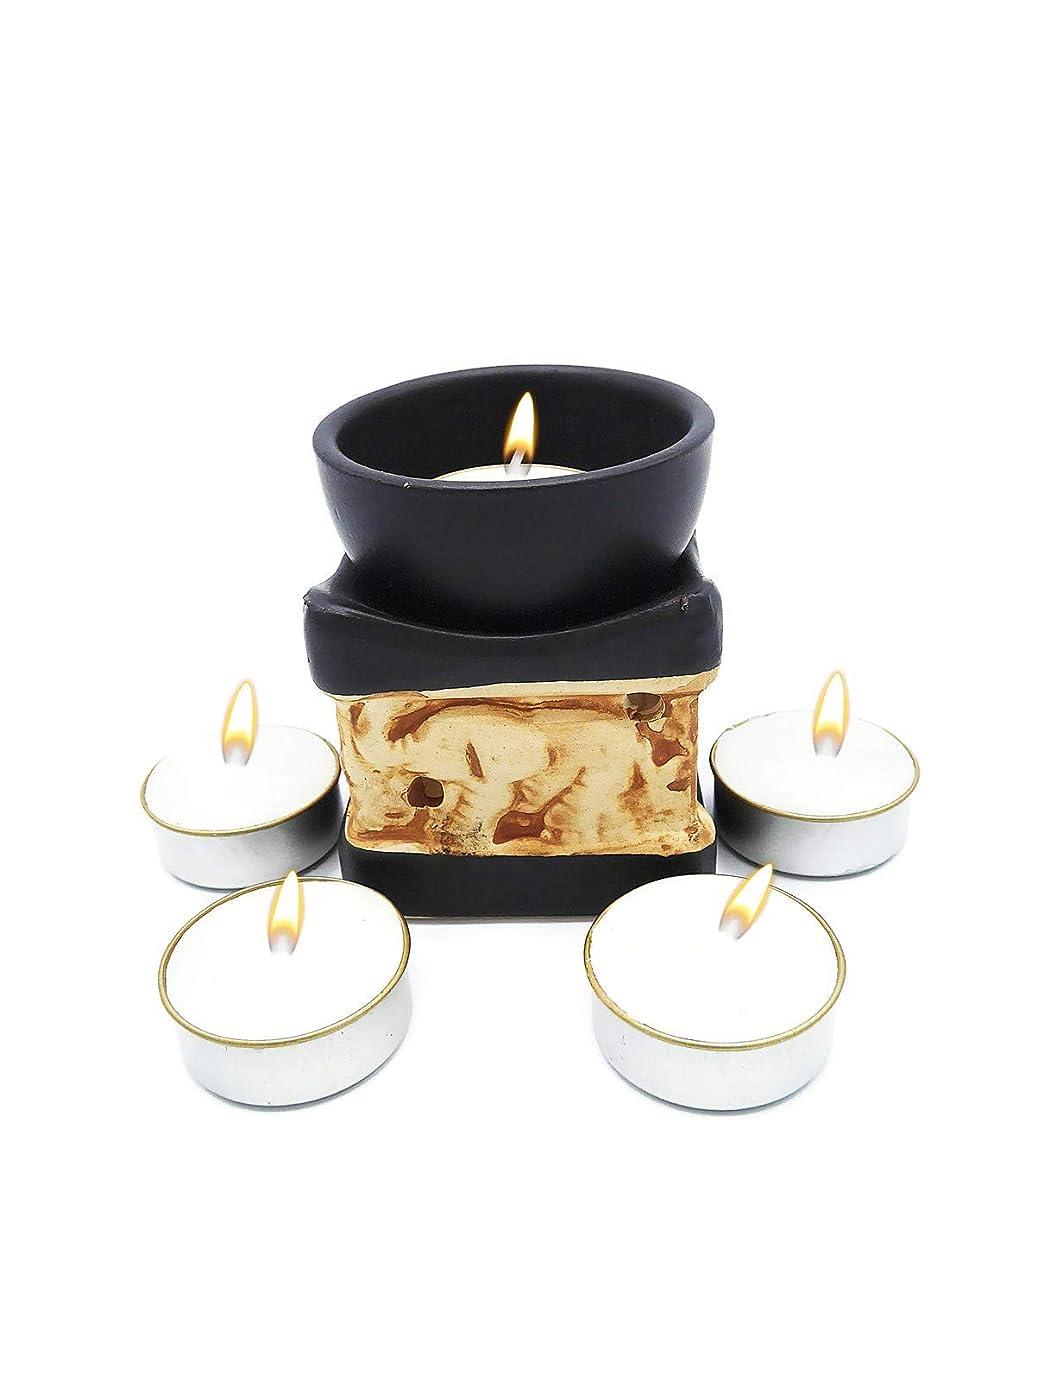 しなやかな予言する社交的Elephant Essential Oil Burner Tea Light Candle Holder for Home Decoration & Aromatherapy *FREE Scented Tea Light Candle